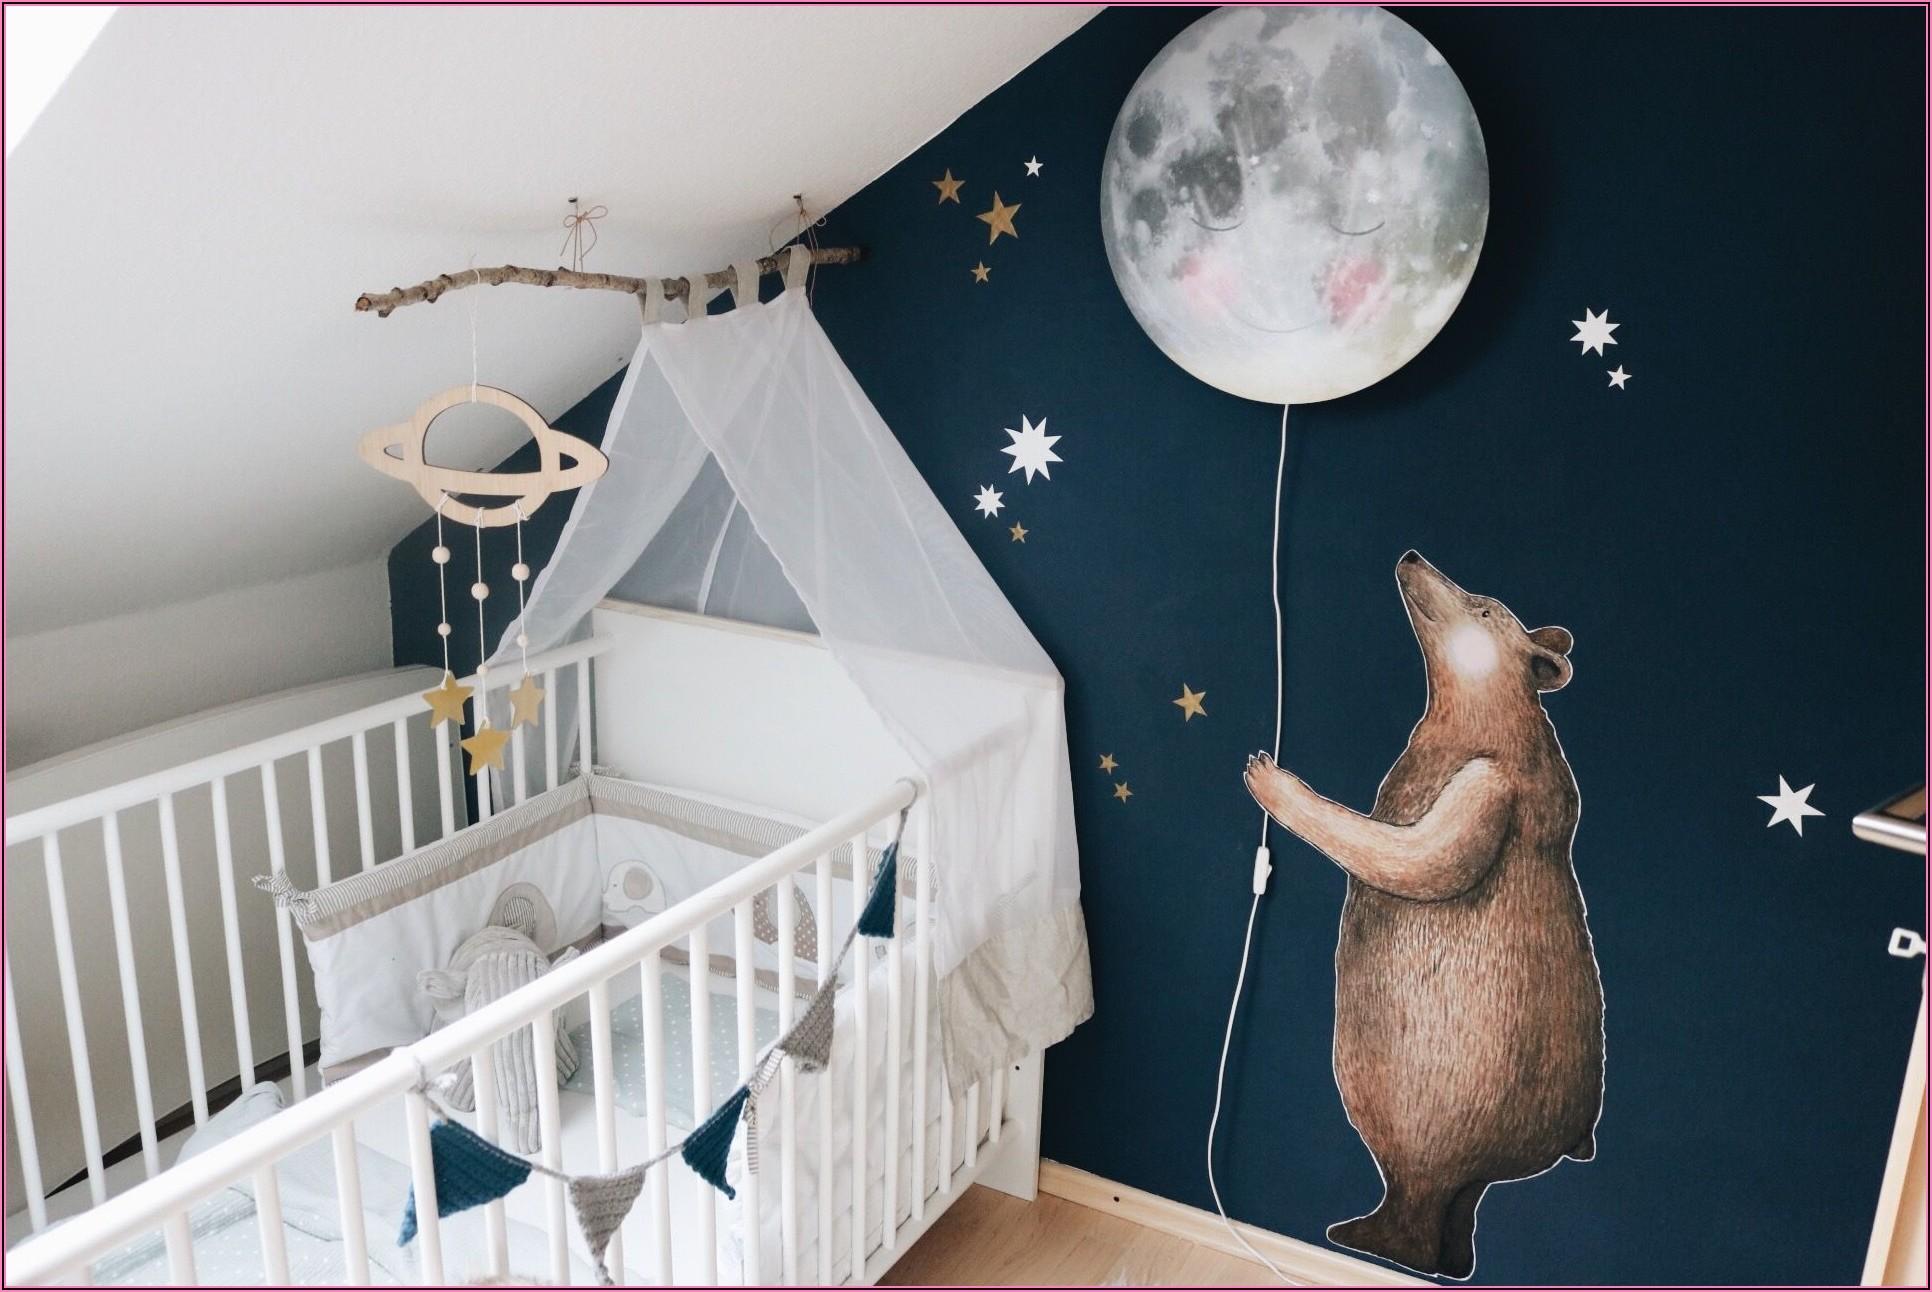 Mondlampe Kinderzimmer Bär